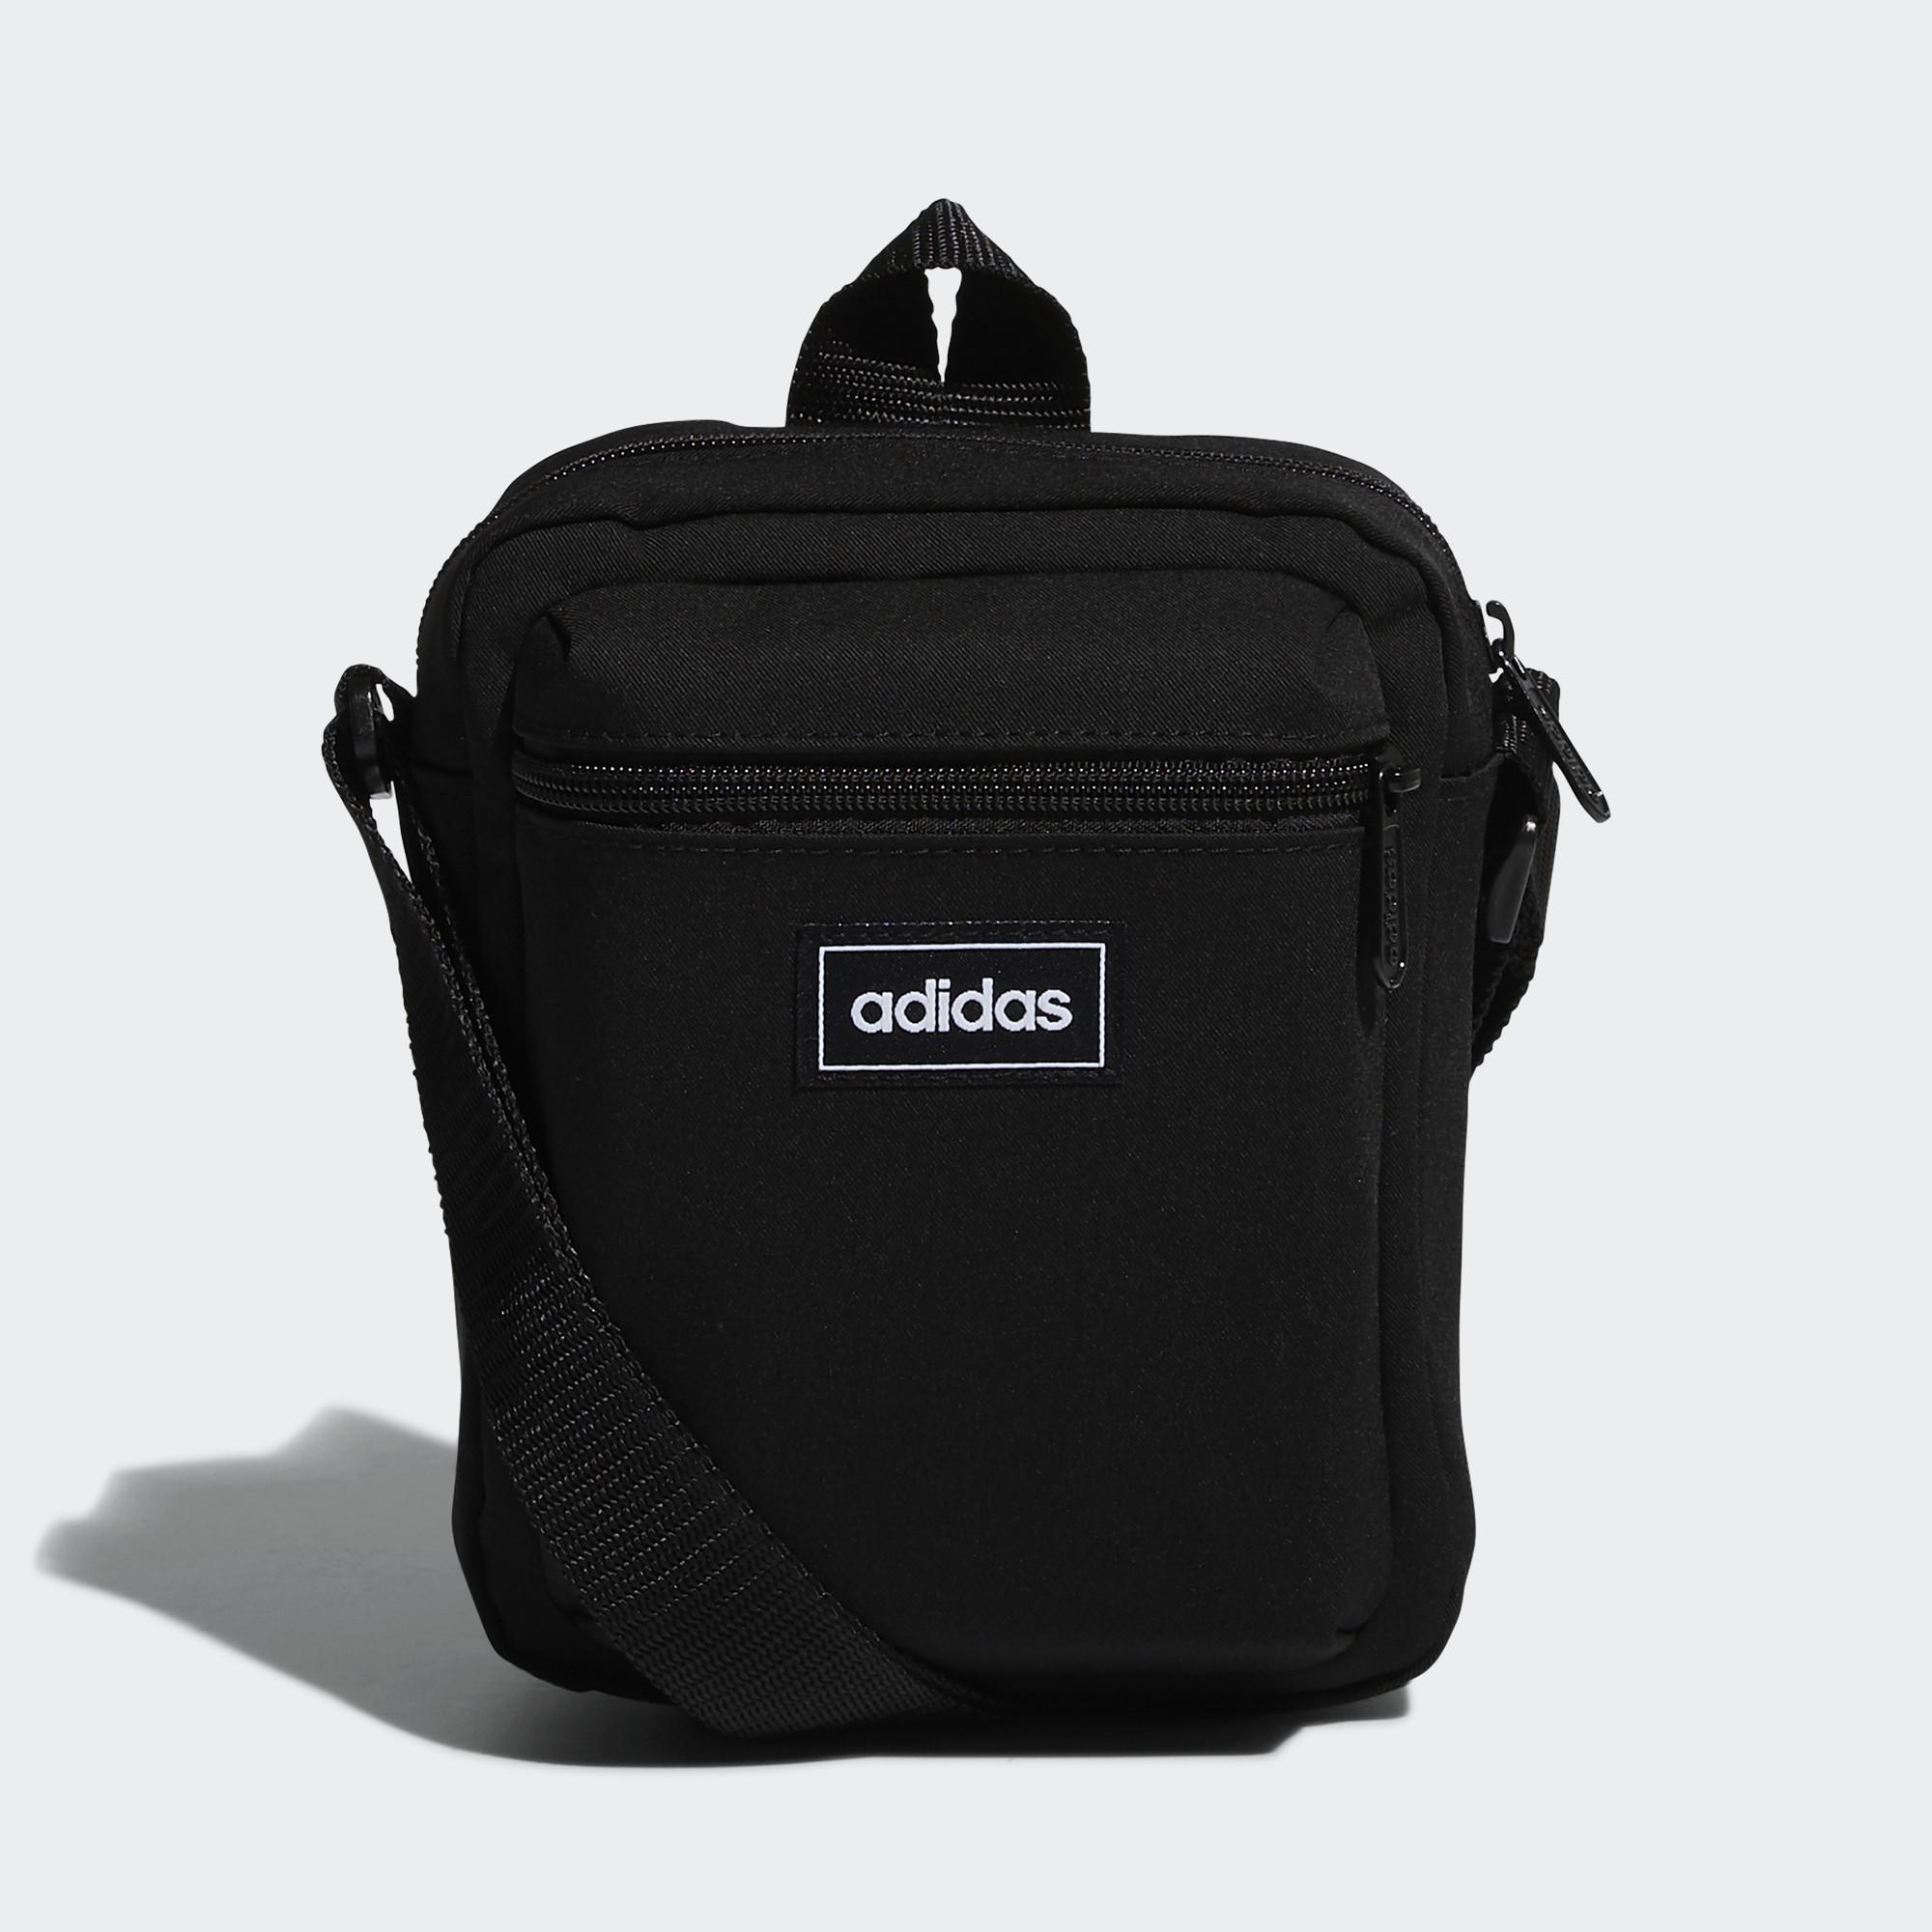 尺寸:15 cm x 20 cm x 8 cm 容量:3.5 L 100% 再生聚酯平紋布 小型肩背包 正面拉鍊口袋 可調式織紋肩背帶